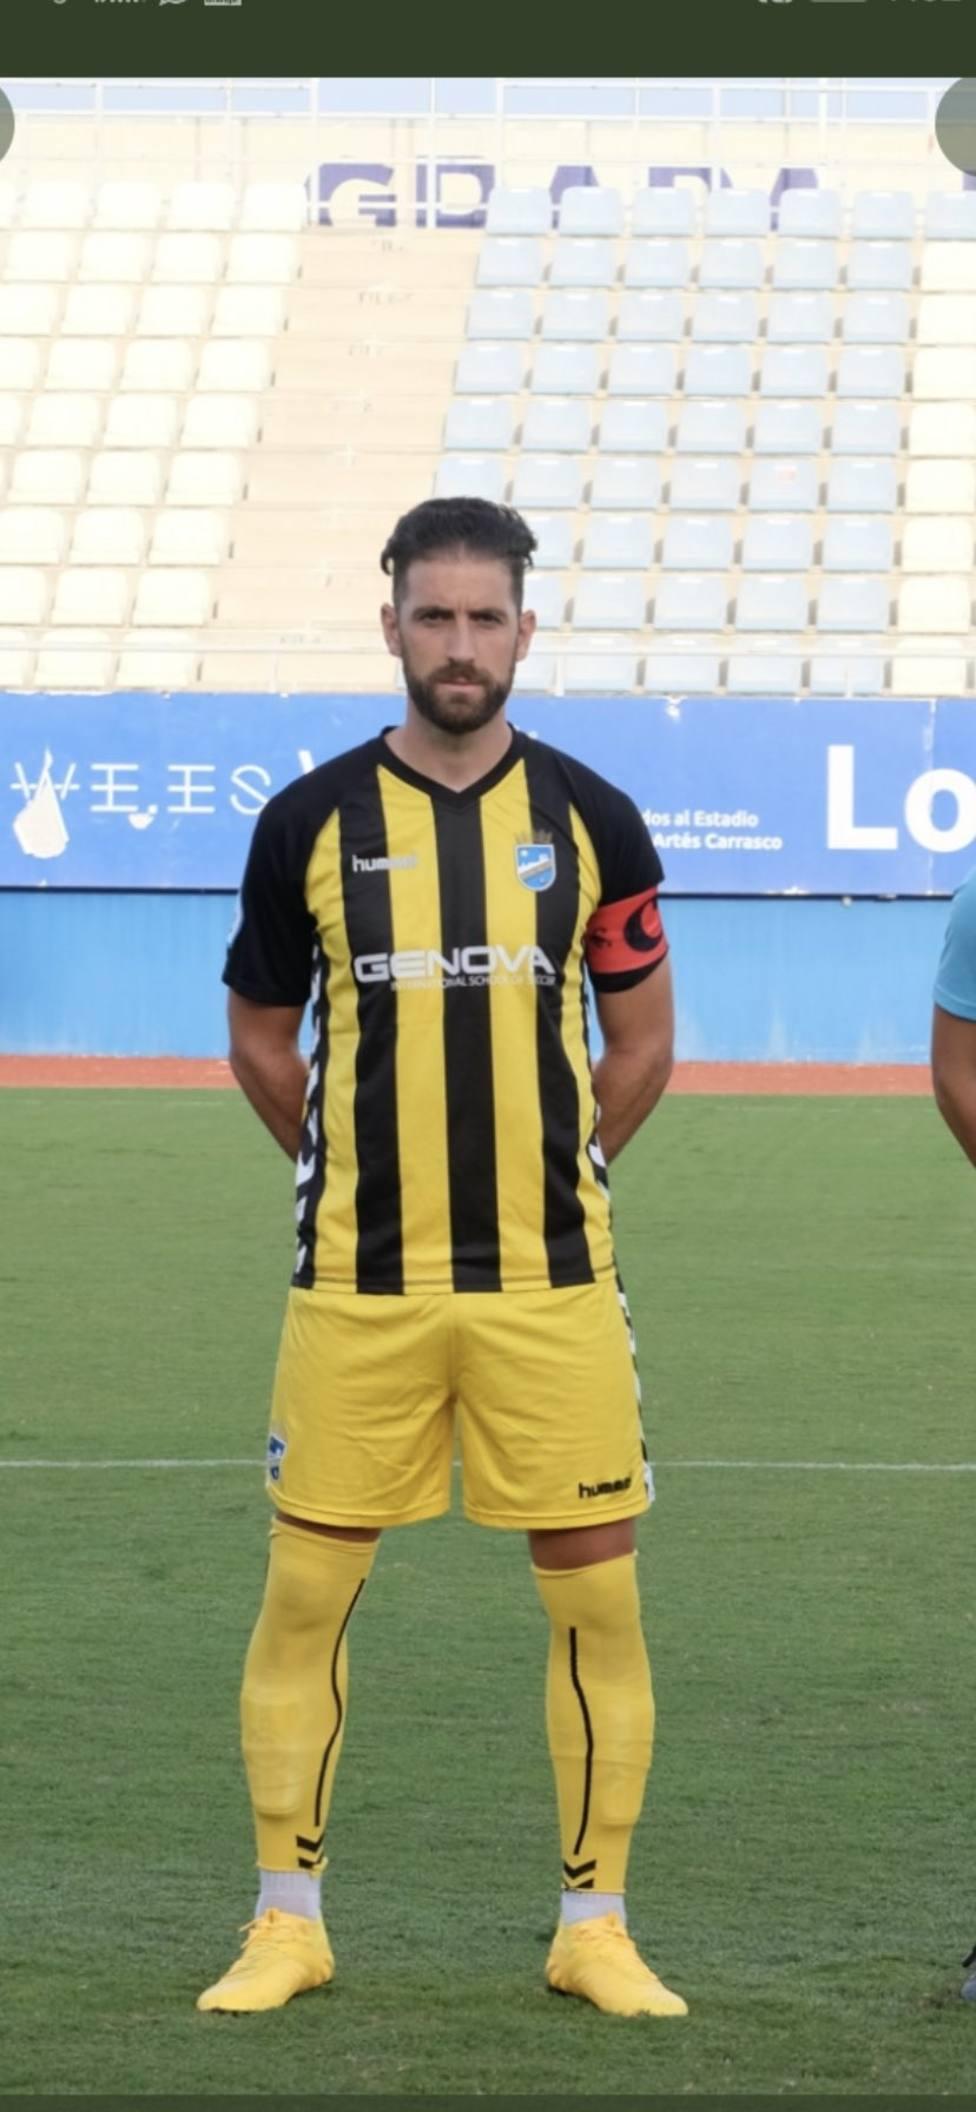 David Valdeolivas, el primer jugador que se marcha del Lorca FC